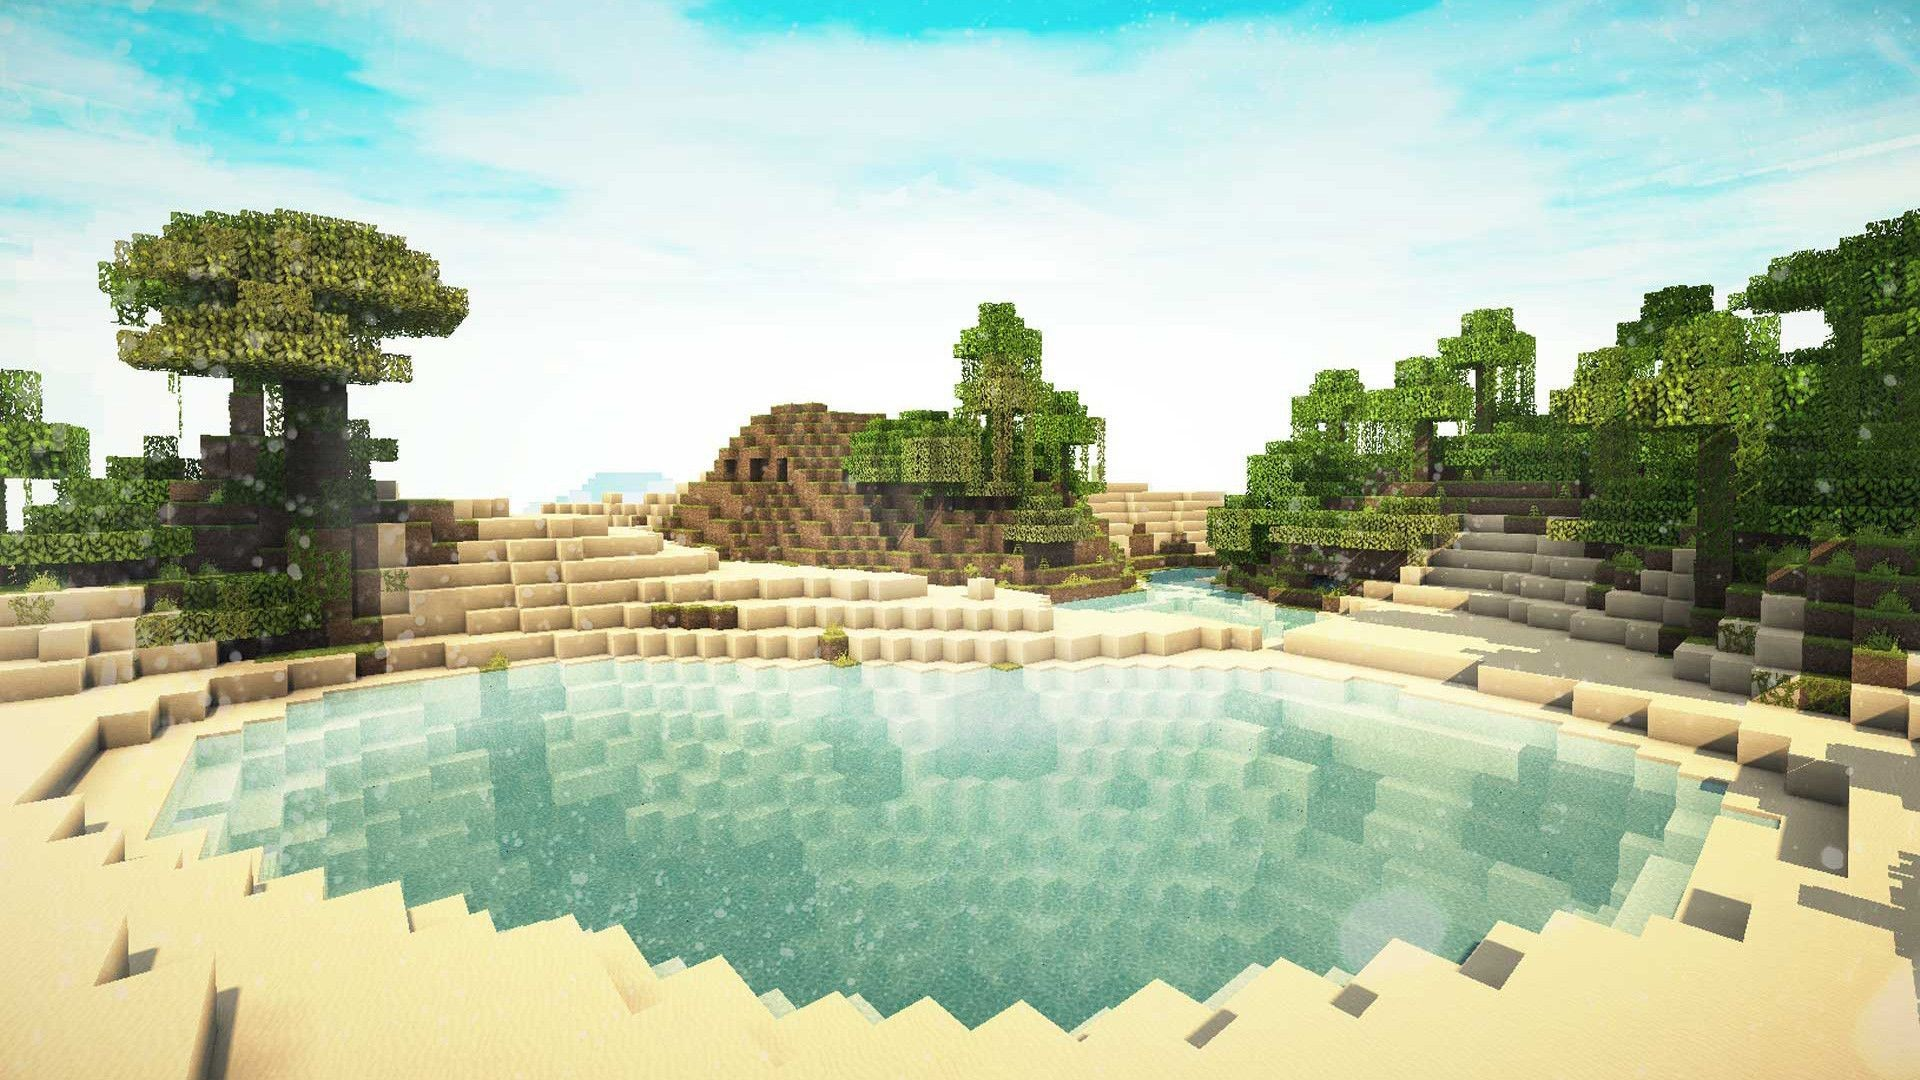 Hình nền Minecraft khung nghỉ mát trong xanh